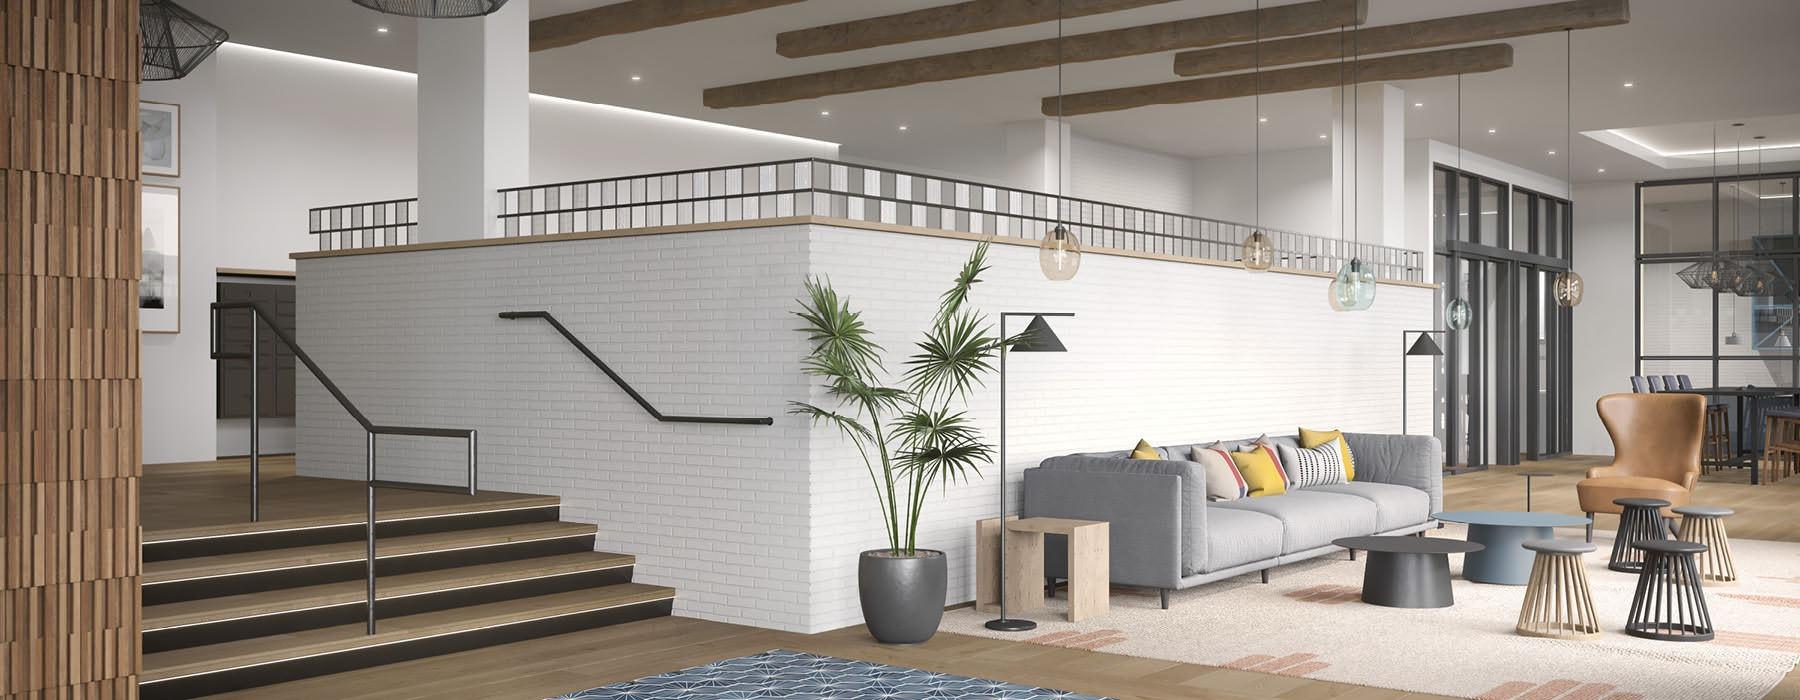 two floor lobby rendering